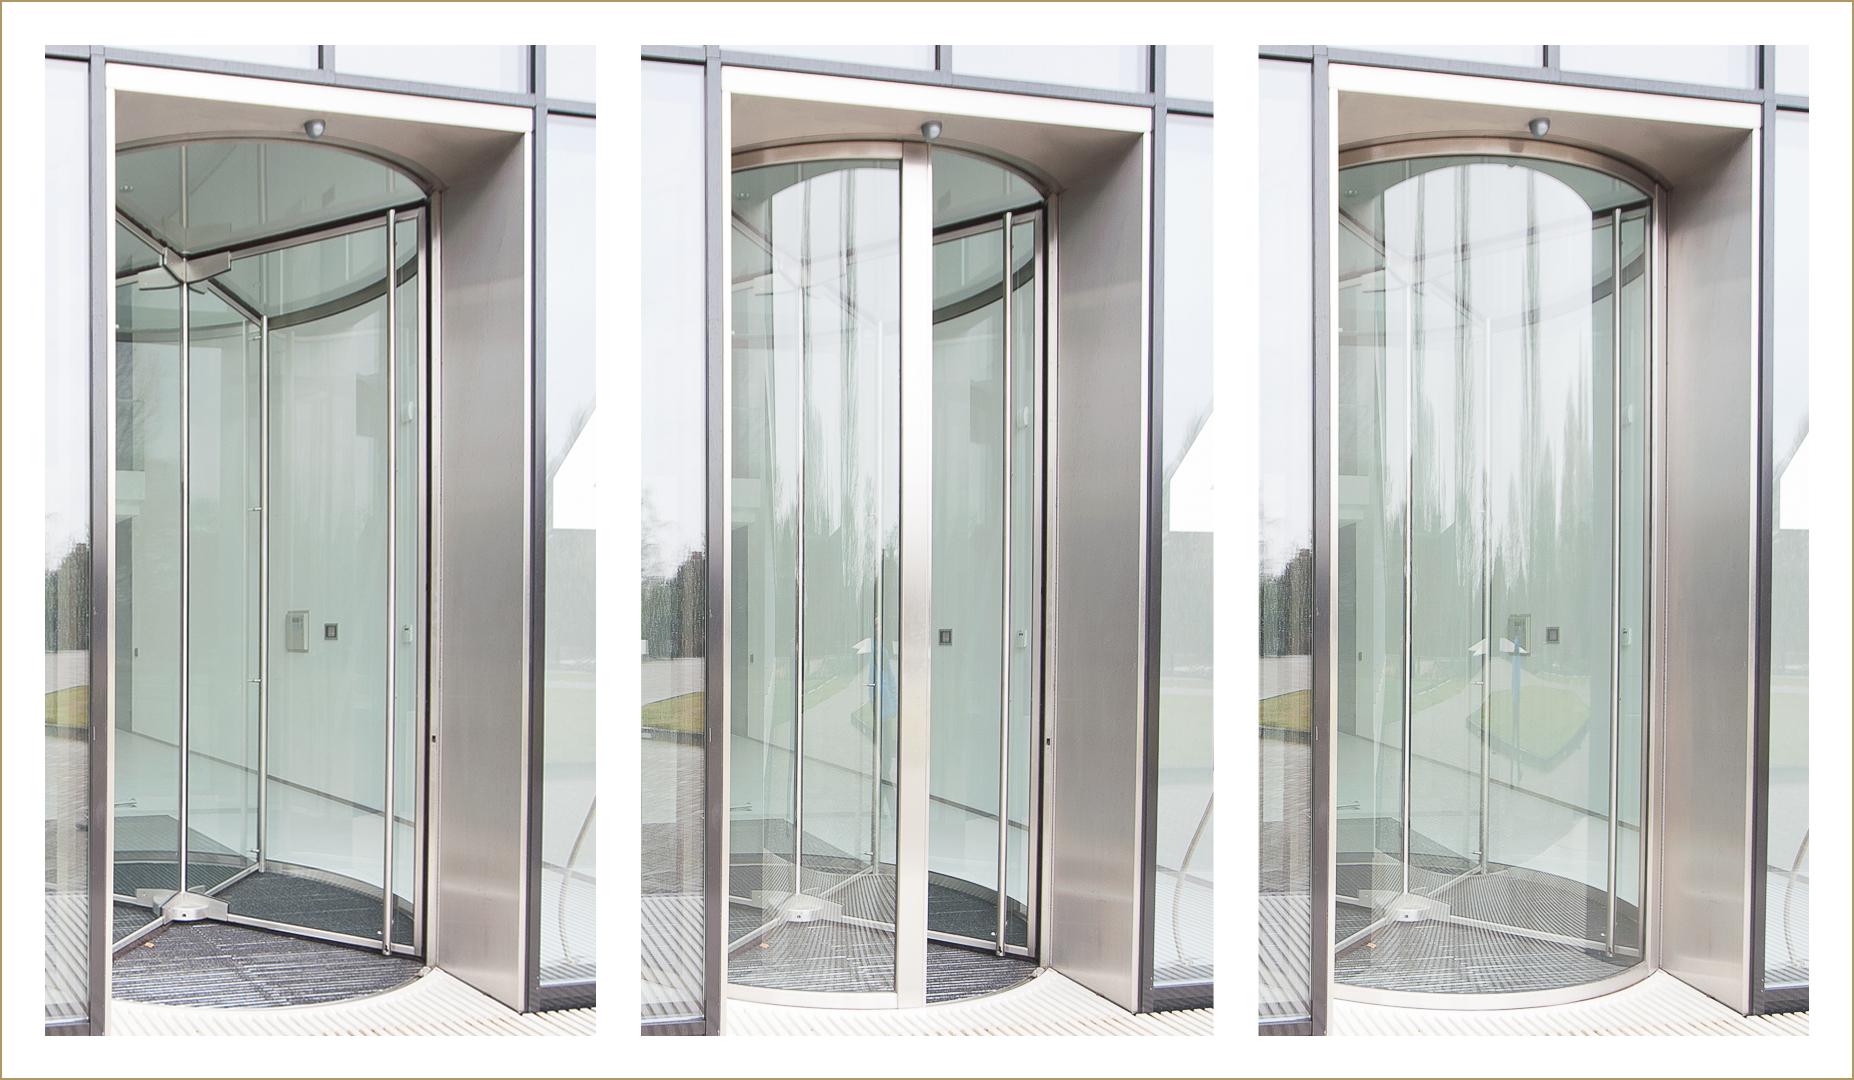 Bauporte Design Entrances BV